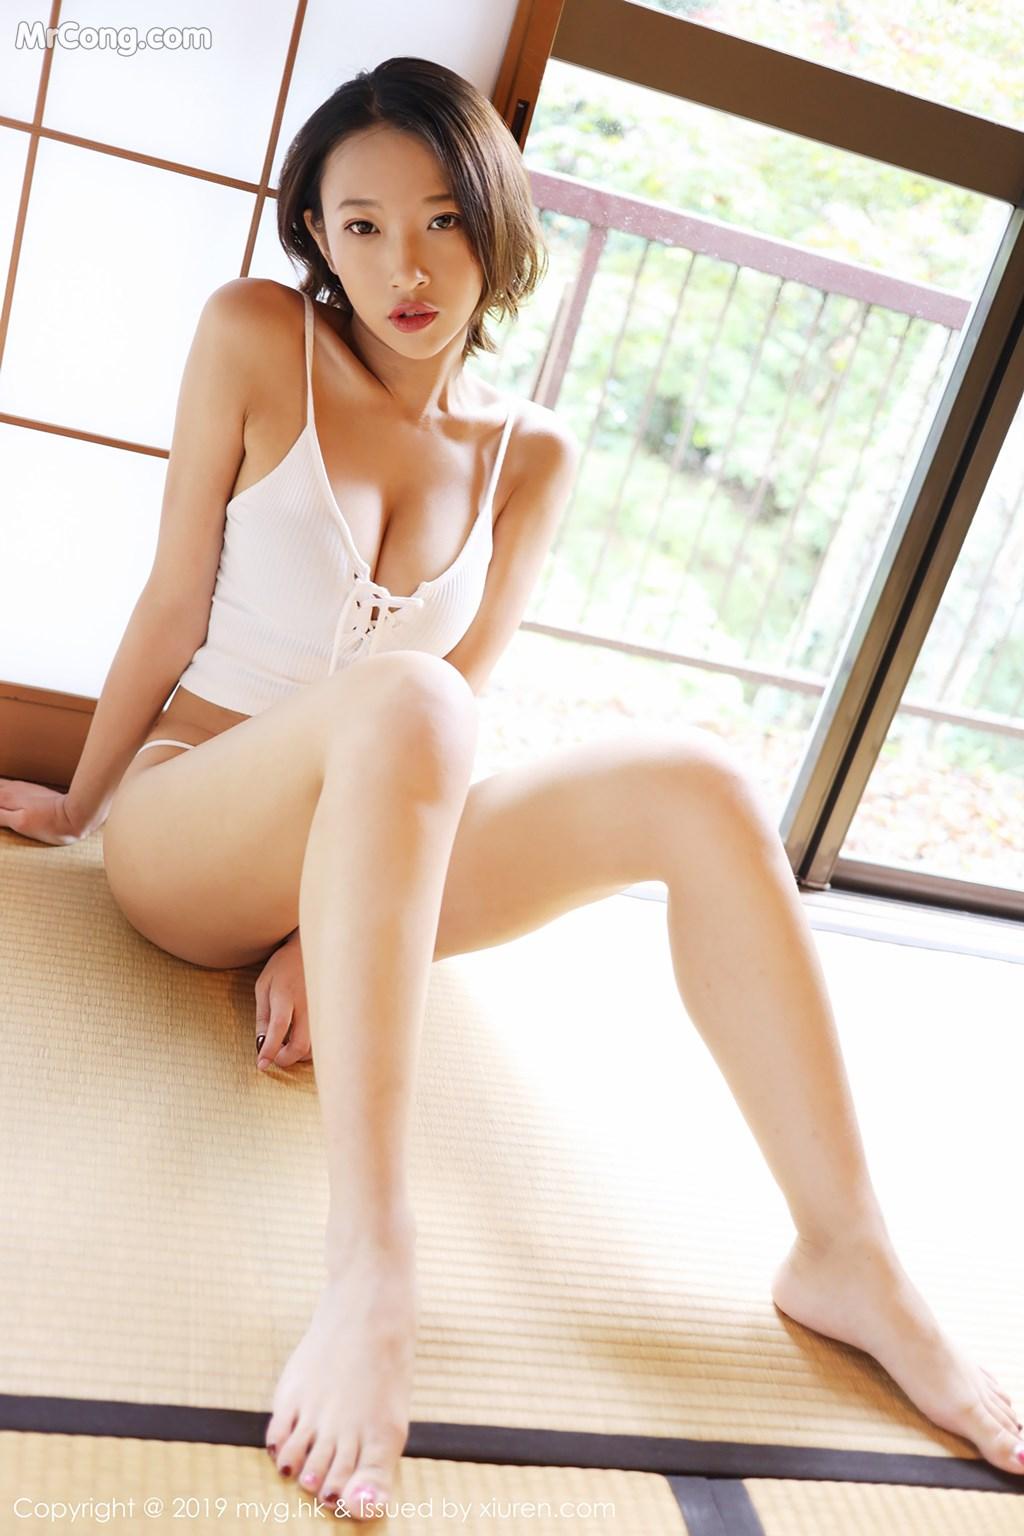 Image MyGirl-Vol.339-Riz-MrCong.com-007 in post MyGirl Vol.339: Người mẫu 栗子Riz (41 ảnh)